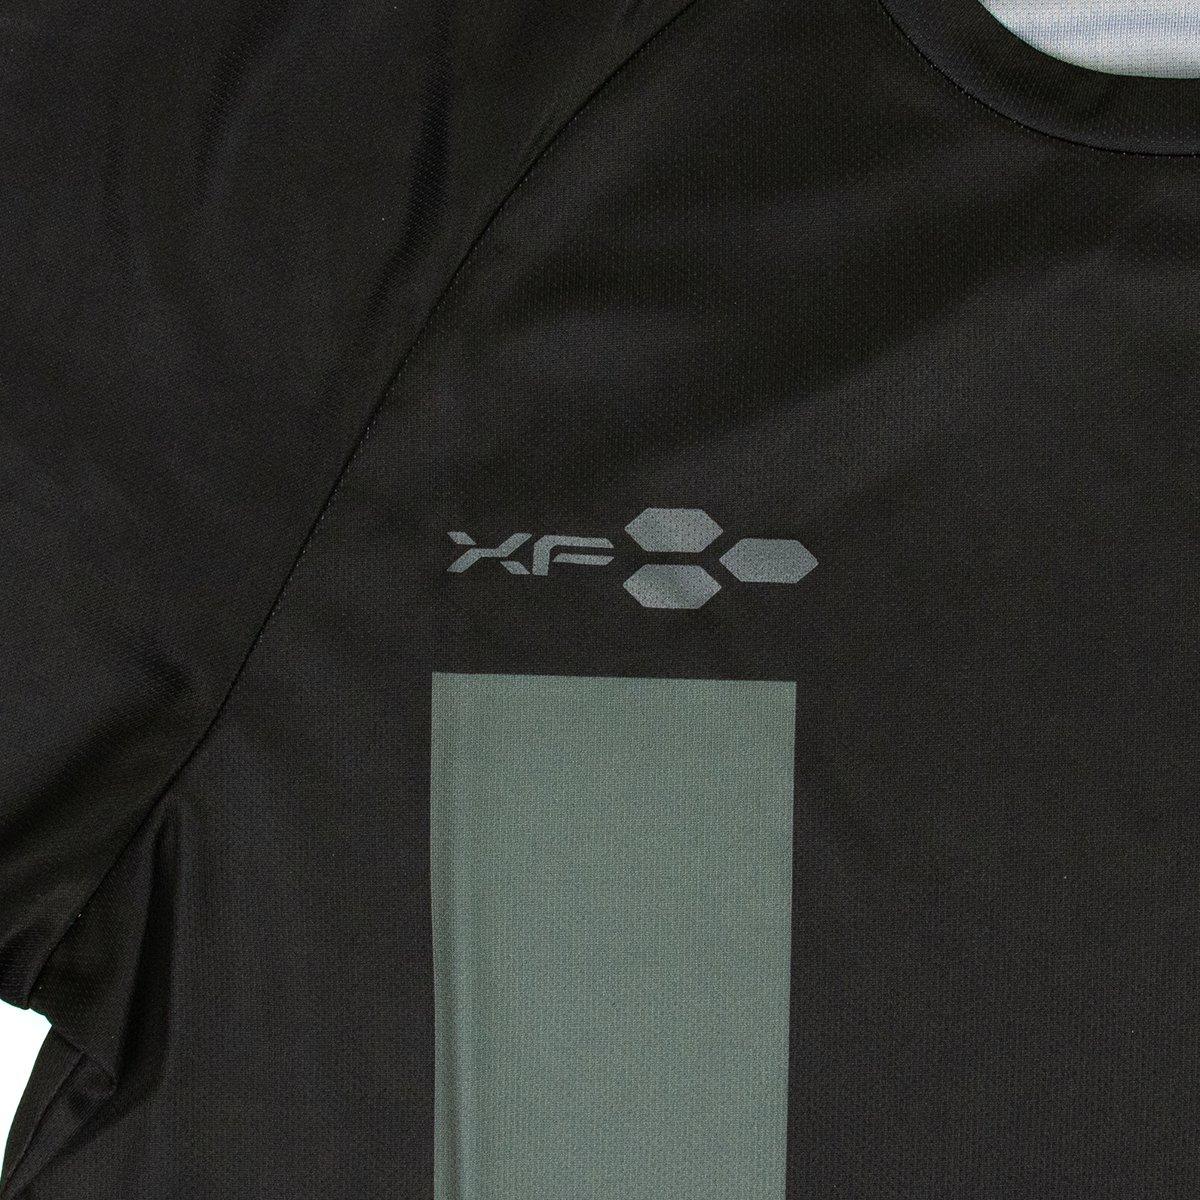 ドライTシャツ XF02 ブラック